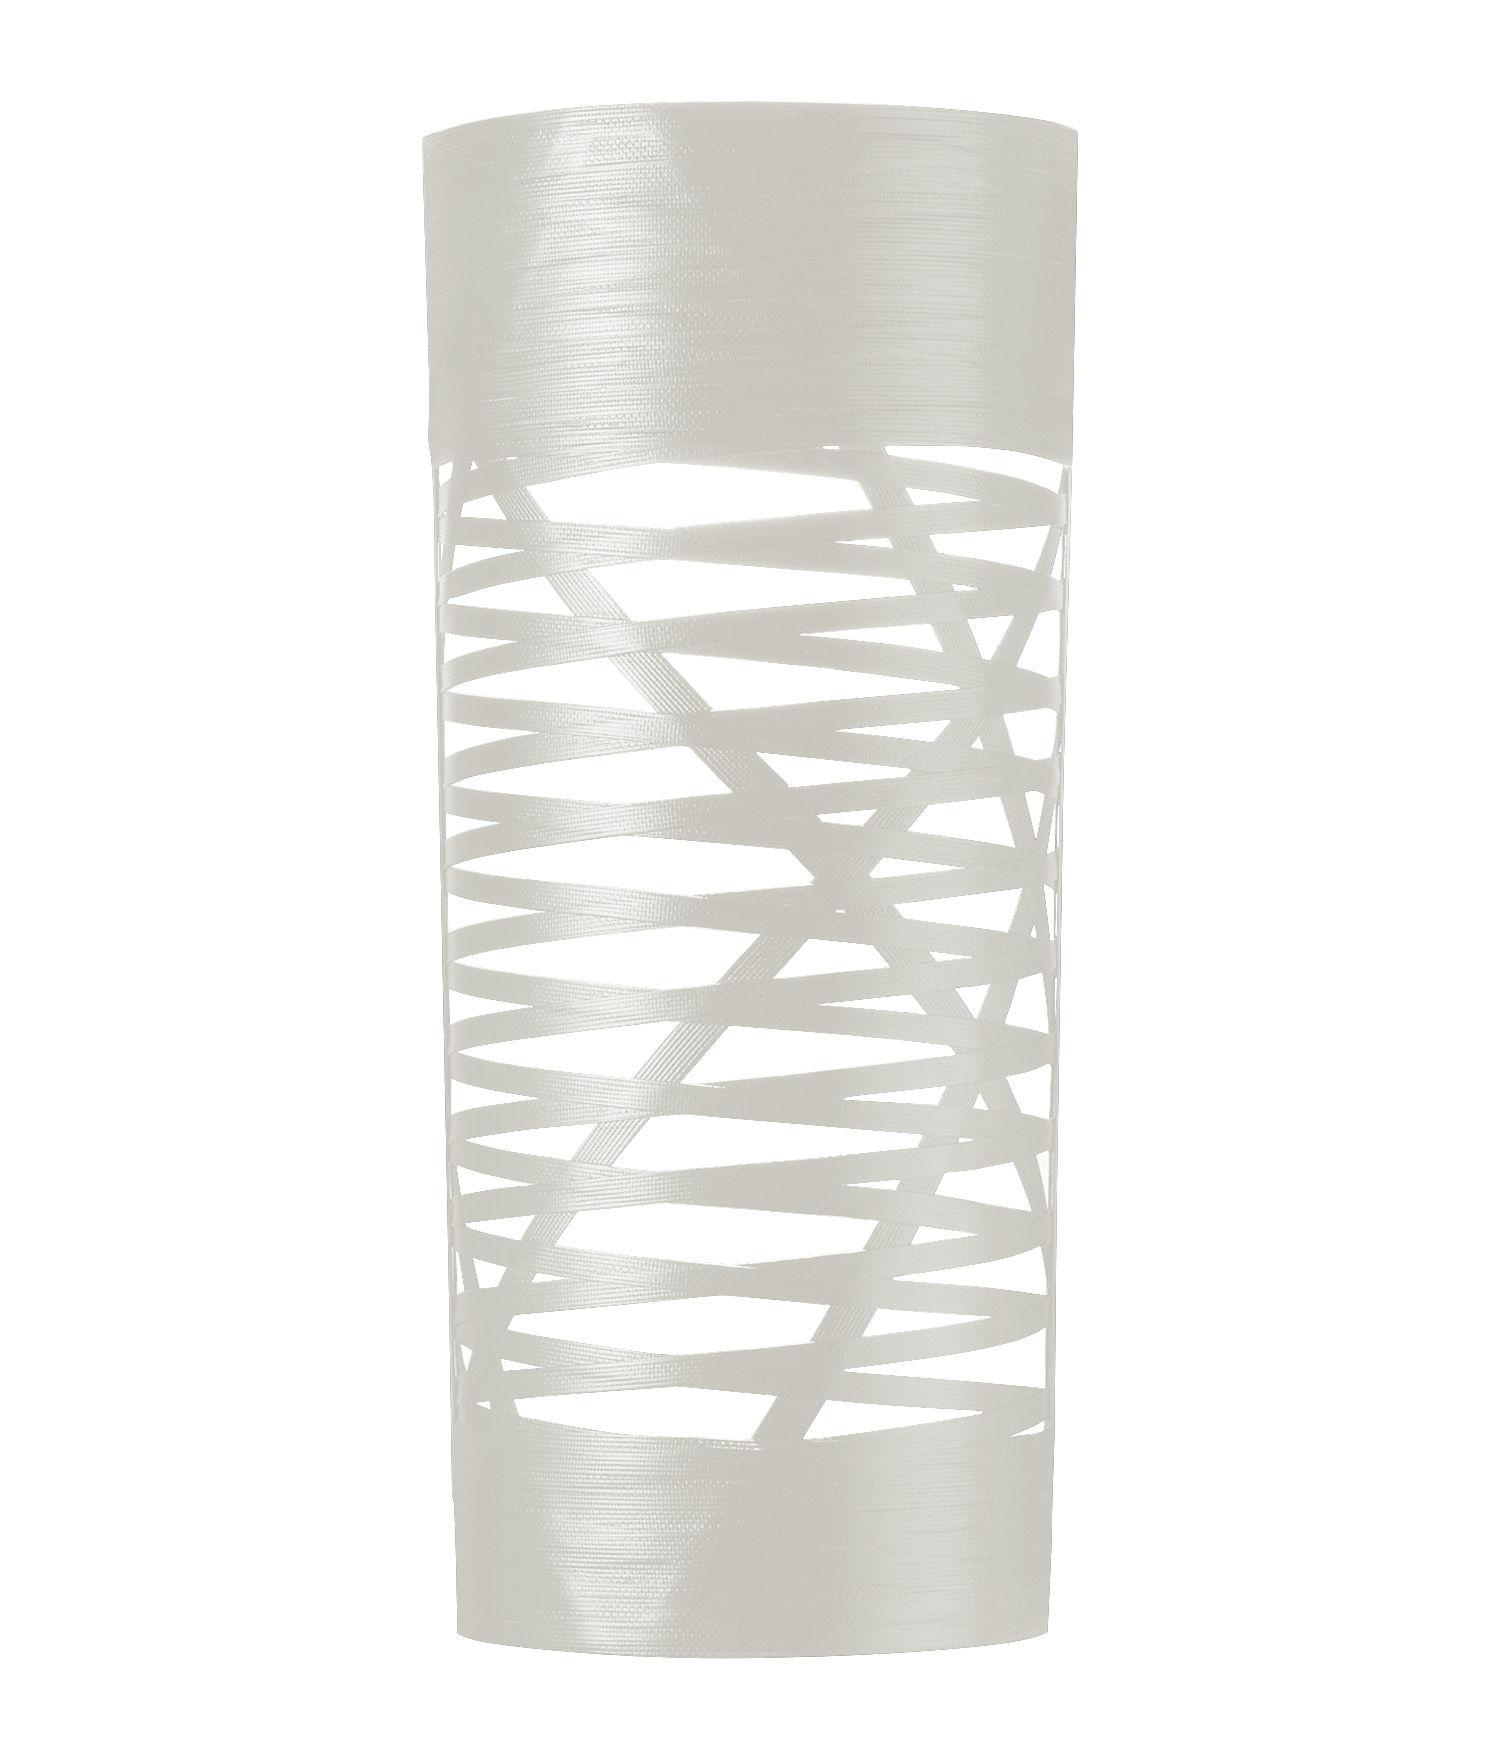 Leuchten - Wandleuchten - Tress Wandleuchte H 59 cm - Foscarini - Weiß - Glasfaser, Verbund-Werkstoffe